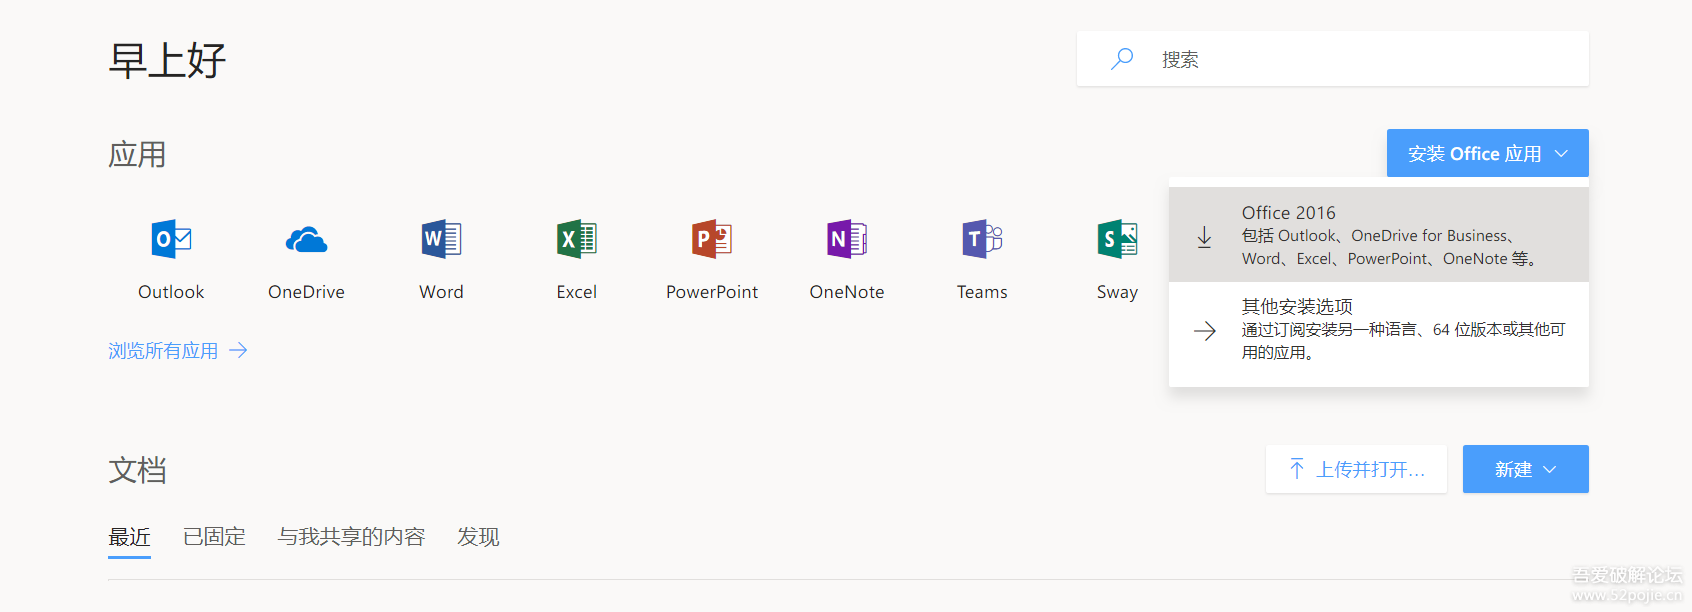 Office 365付费正版版下载_Office 365破解版获取教程分享